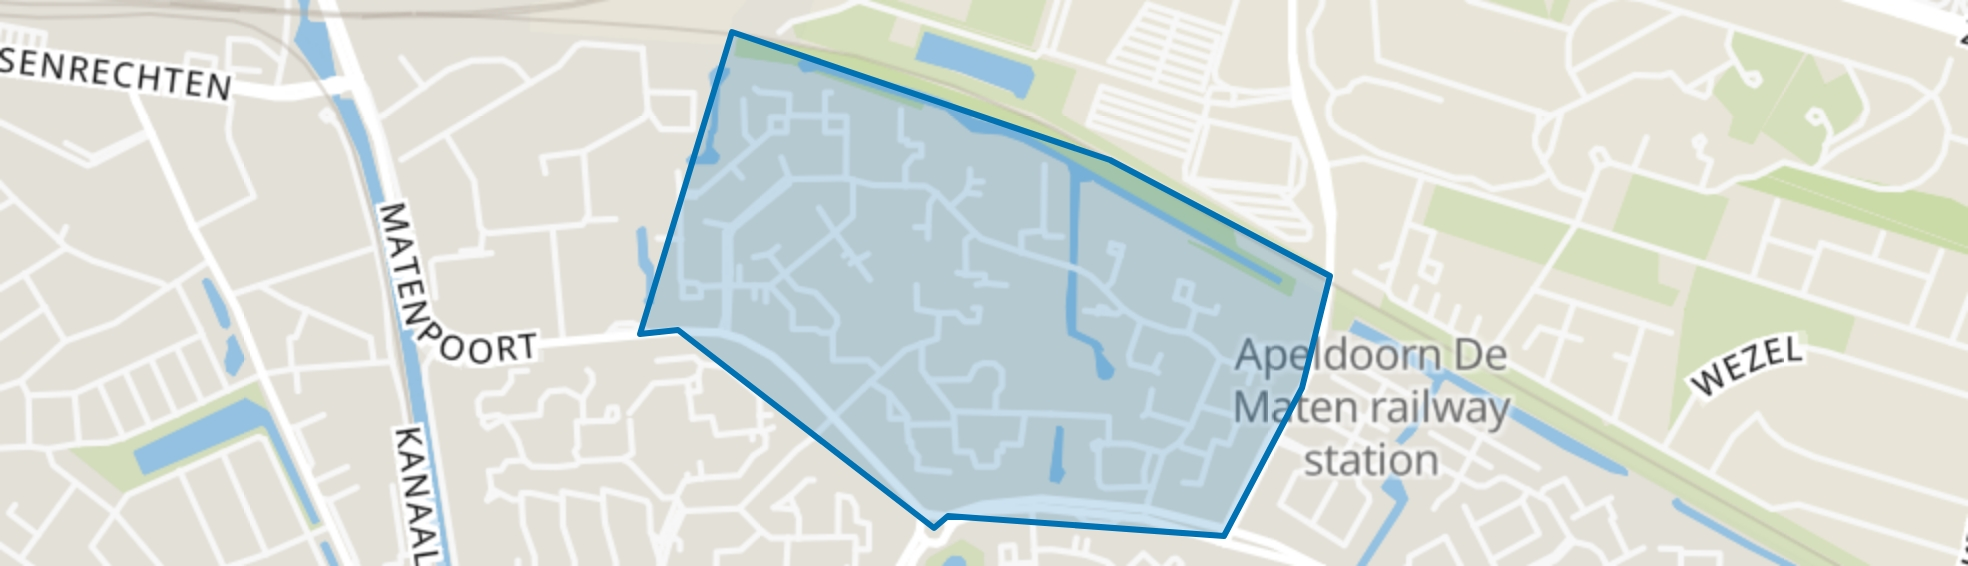 Matenhorst, Apeldoorn map